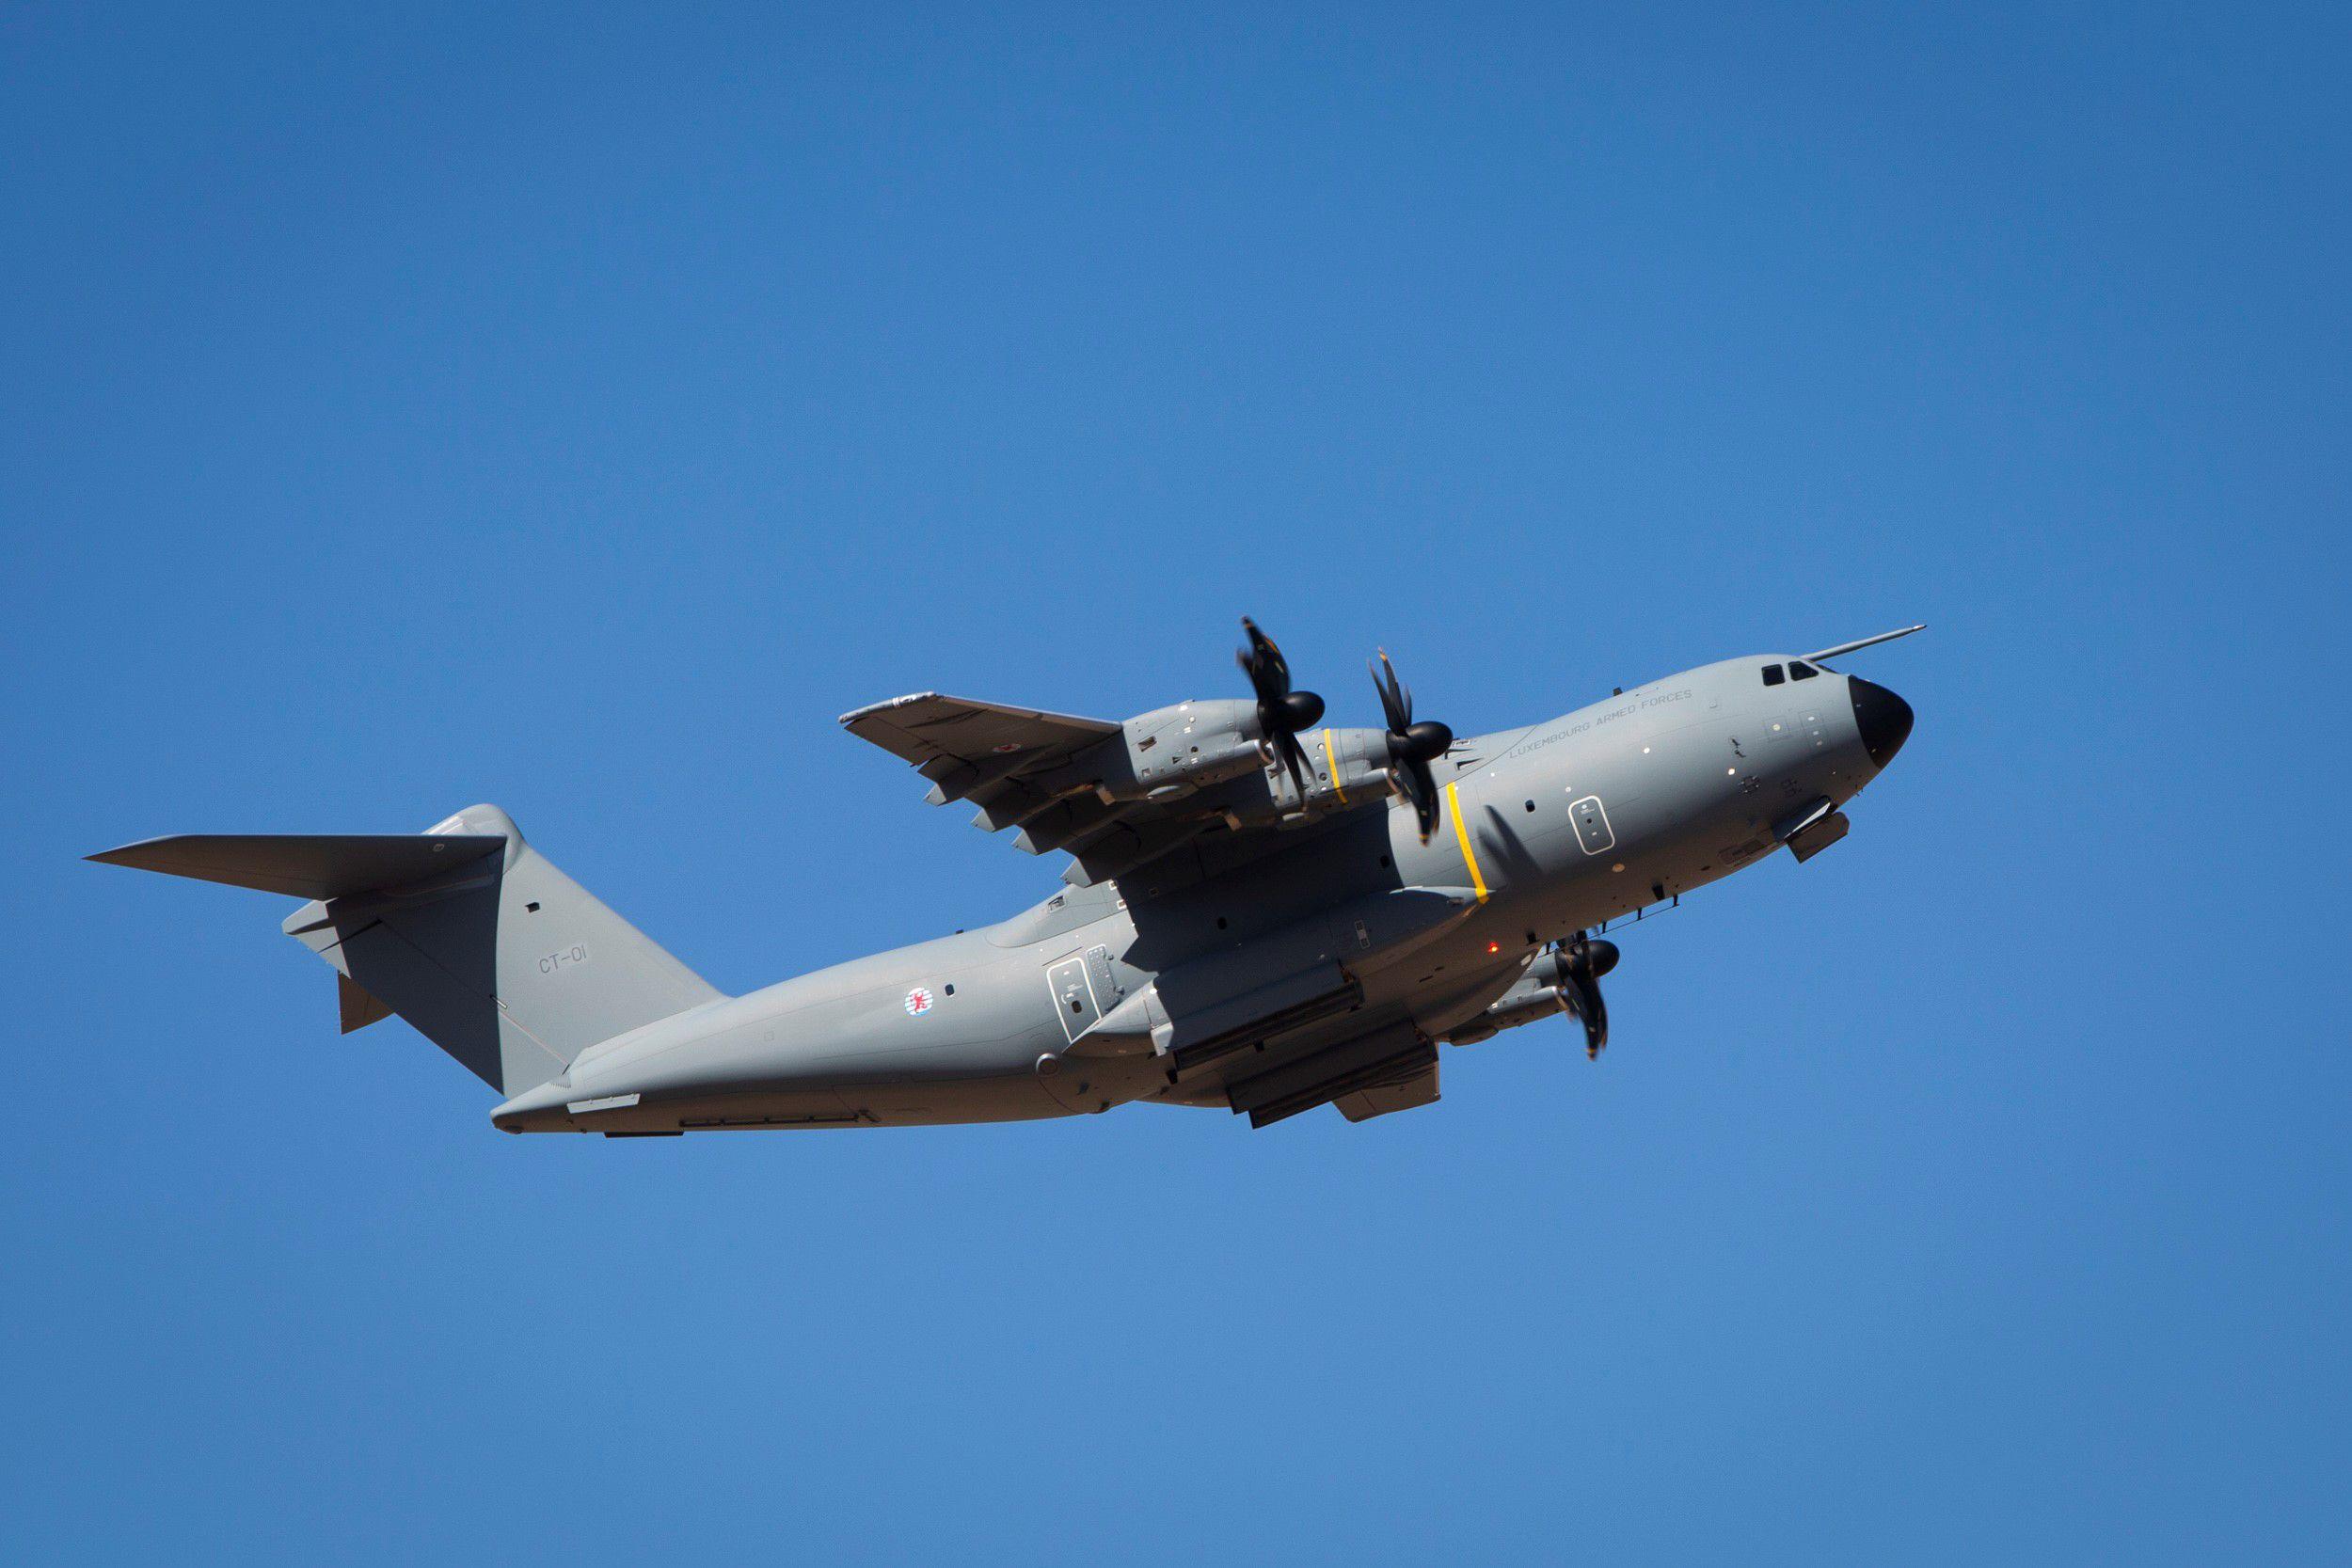 транспортный самолет выпускаемый airbus military